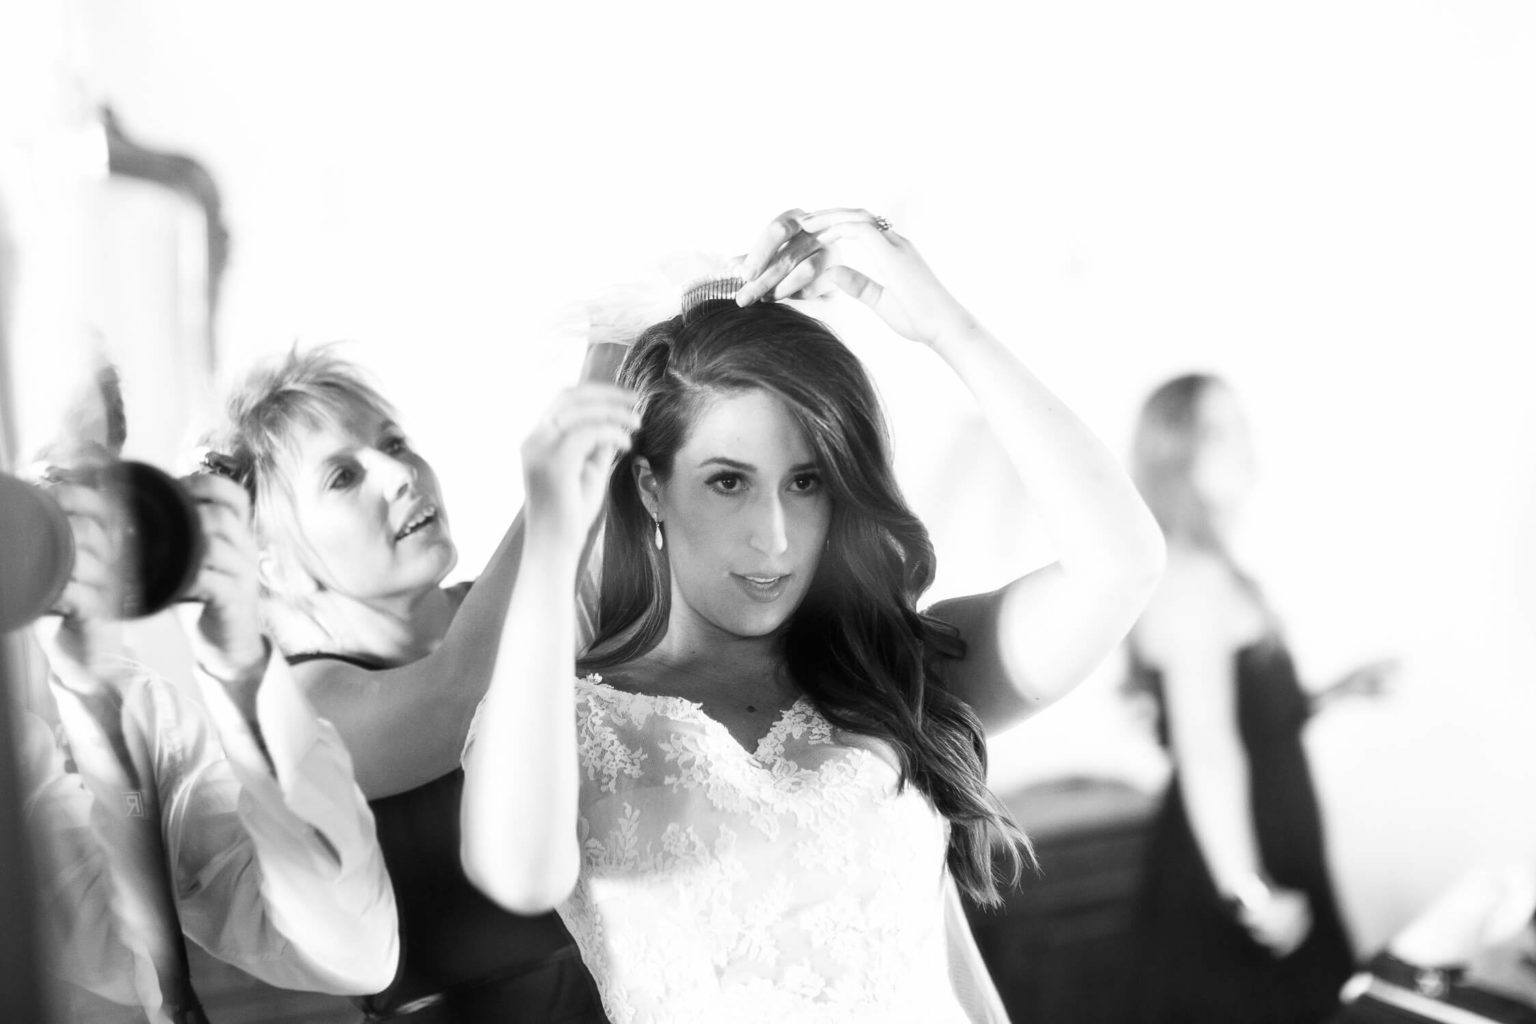 Aconciatura sposa, foto bianco e nero per matrimonio di Nino Lombardo